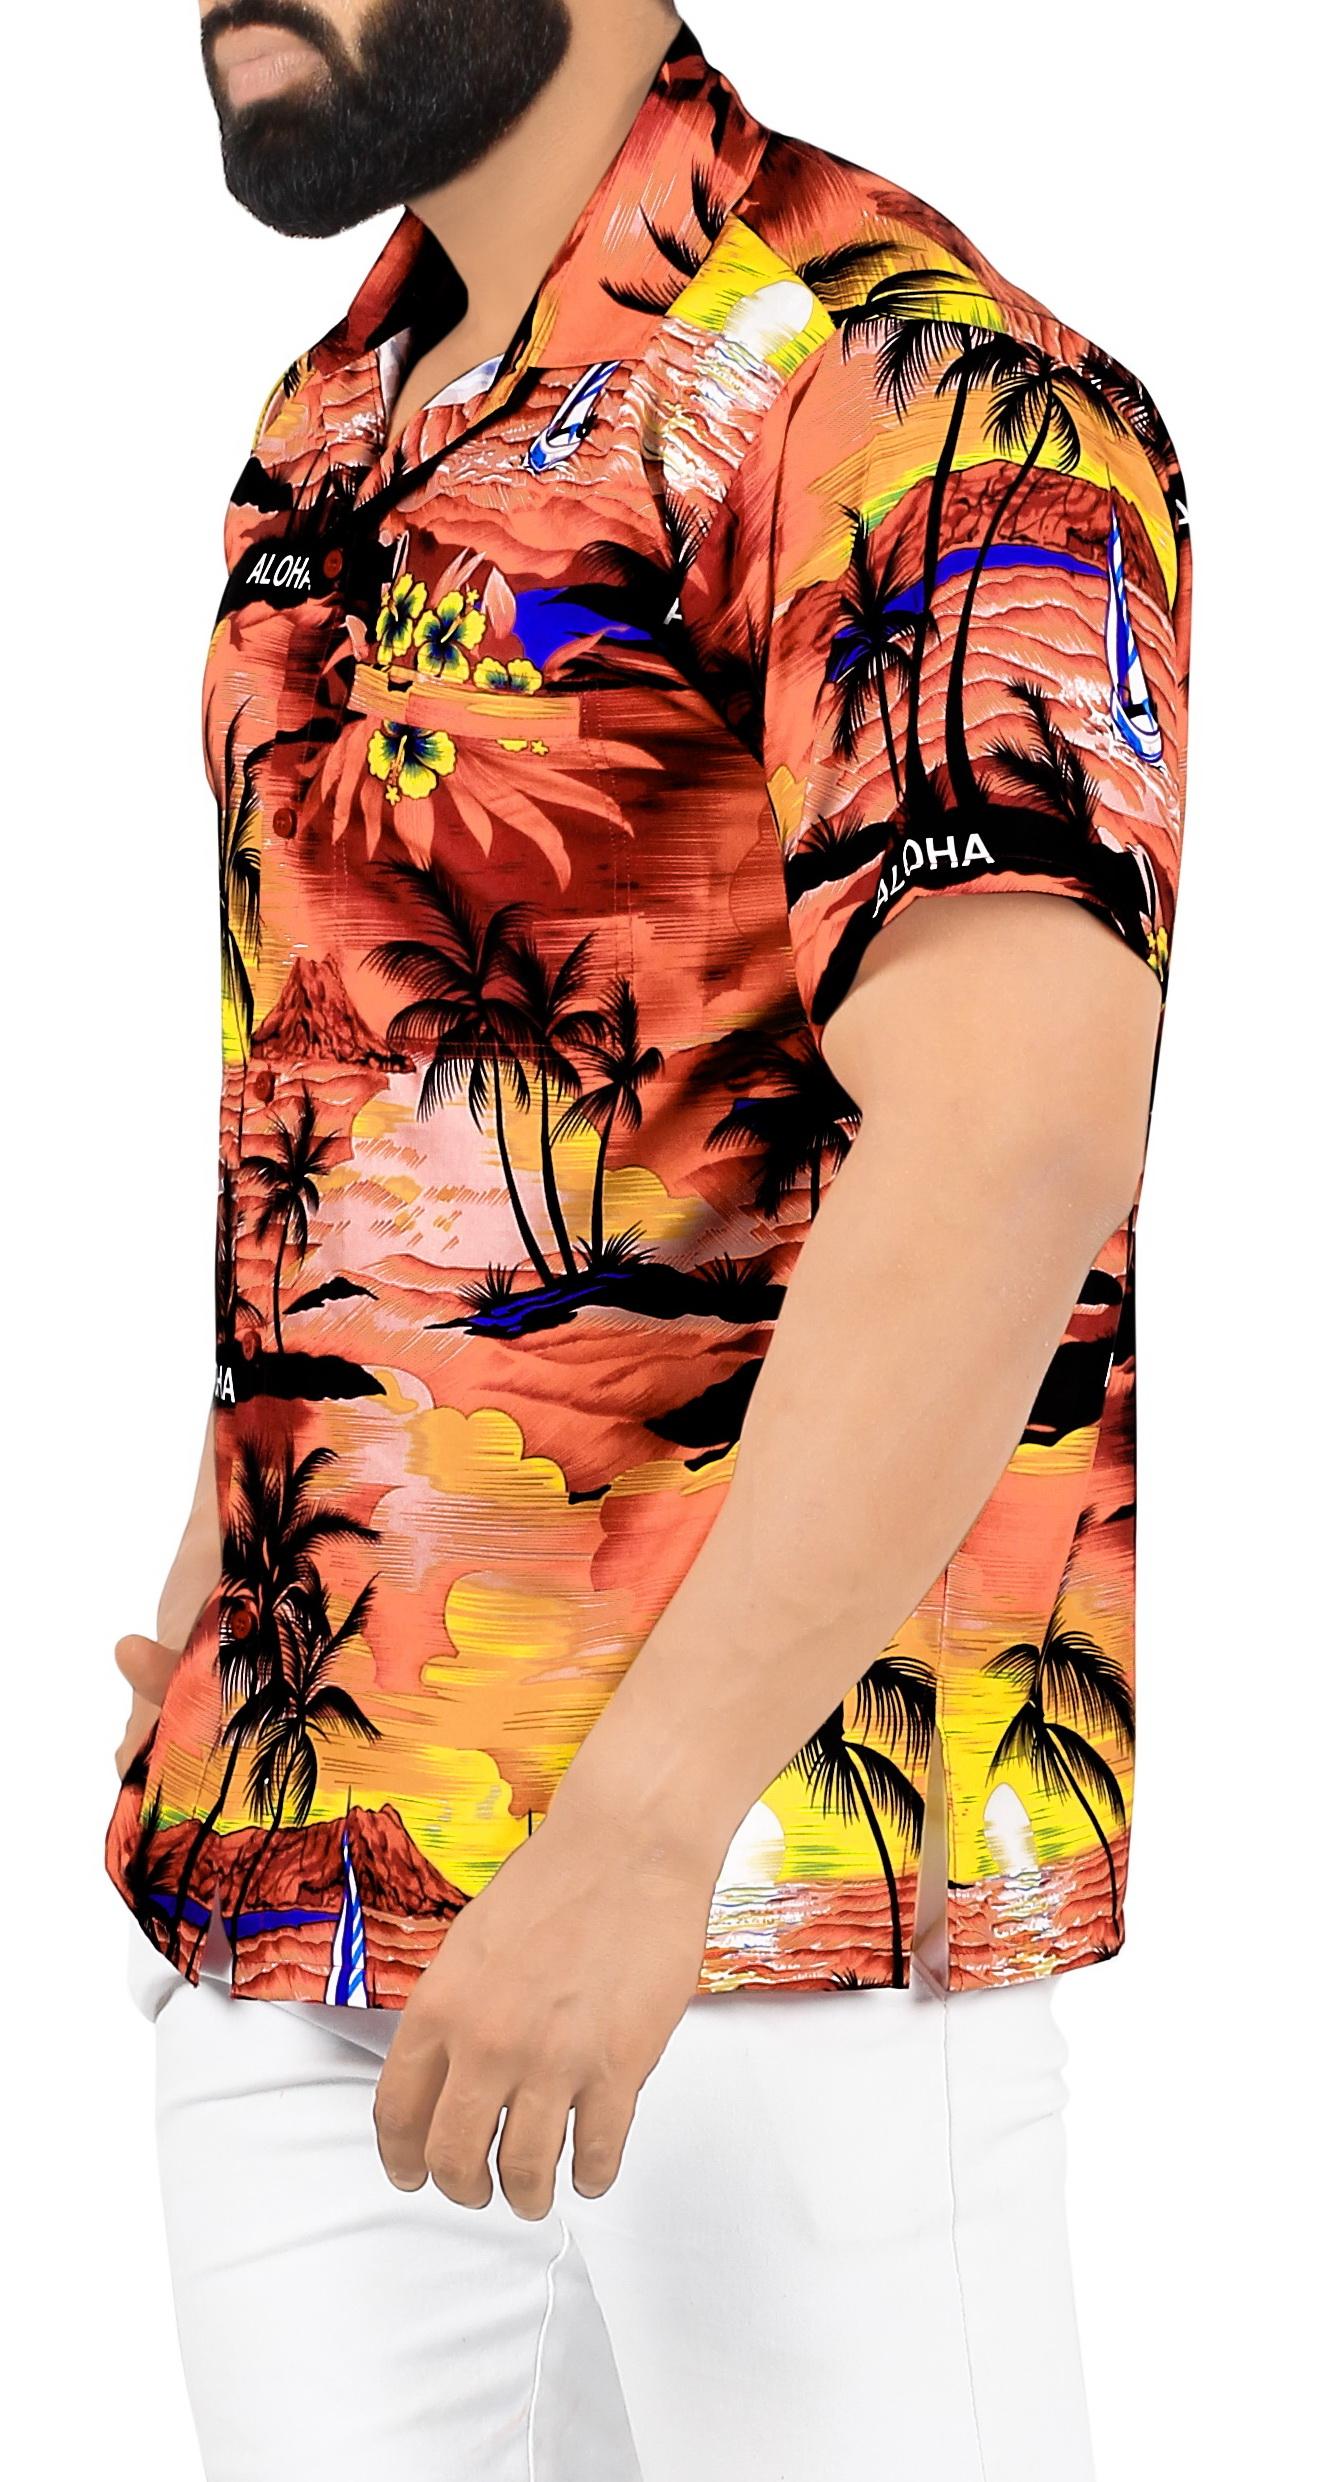 Indexbild 5 - La Leela Herren Relaxed Kurzarm Button Down Casual Hawaii Shirt bedruckt D